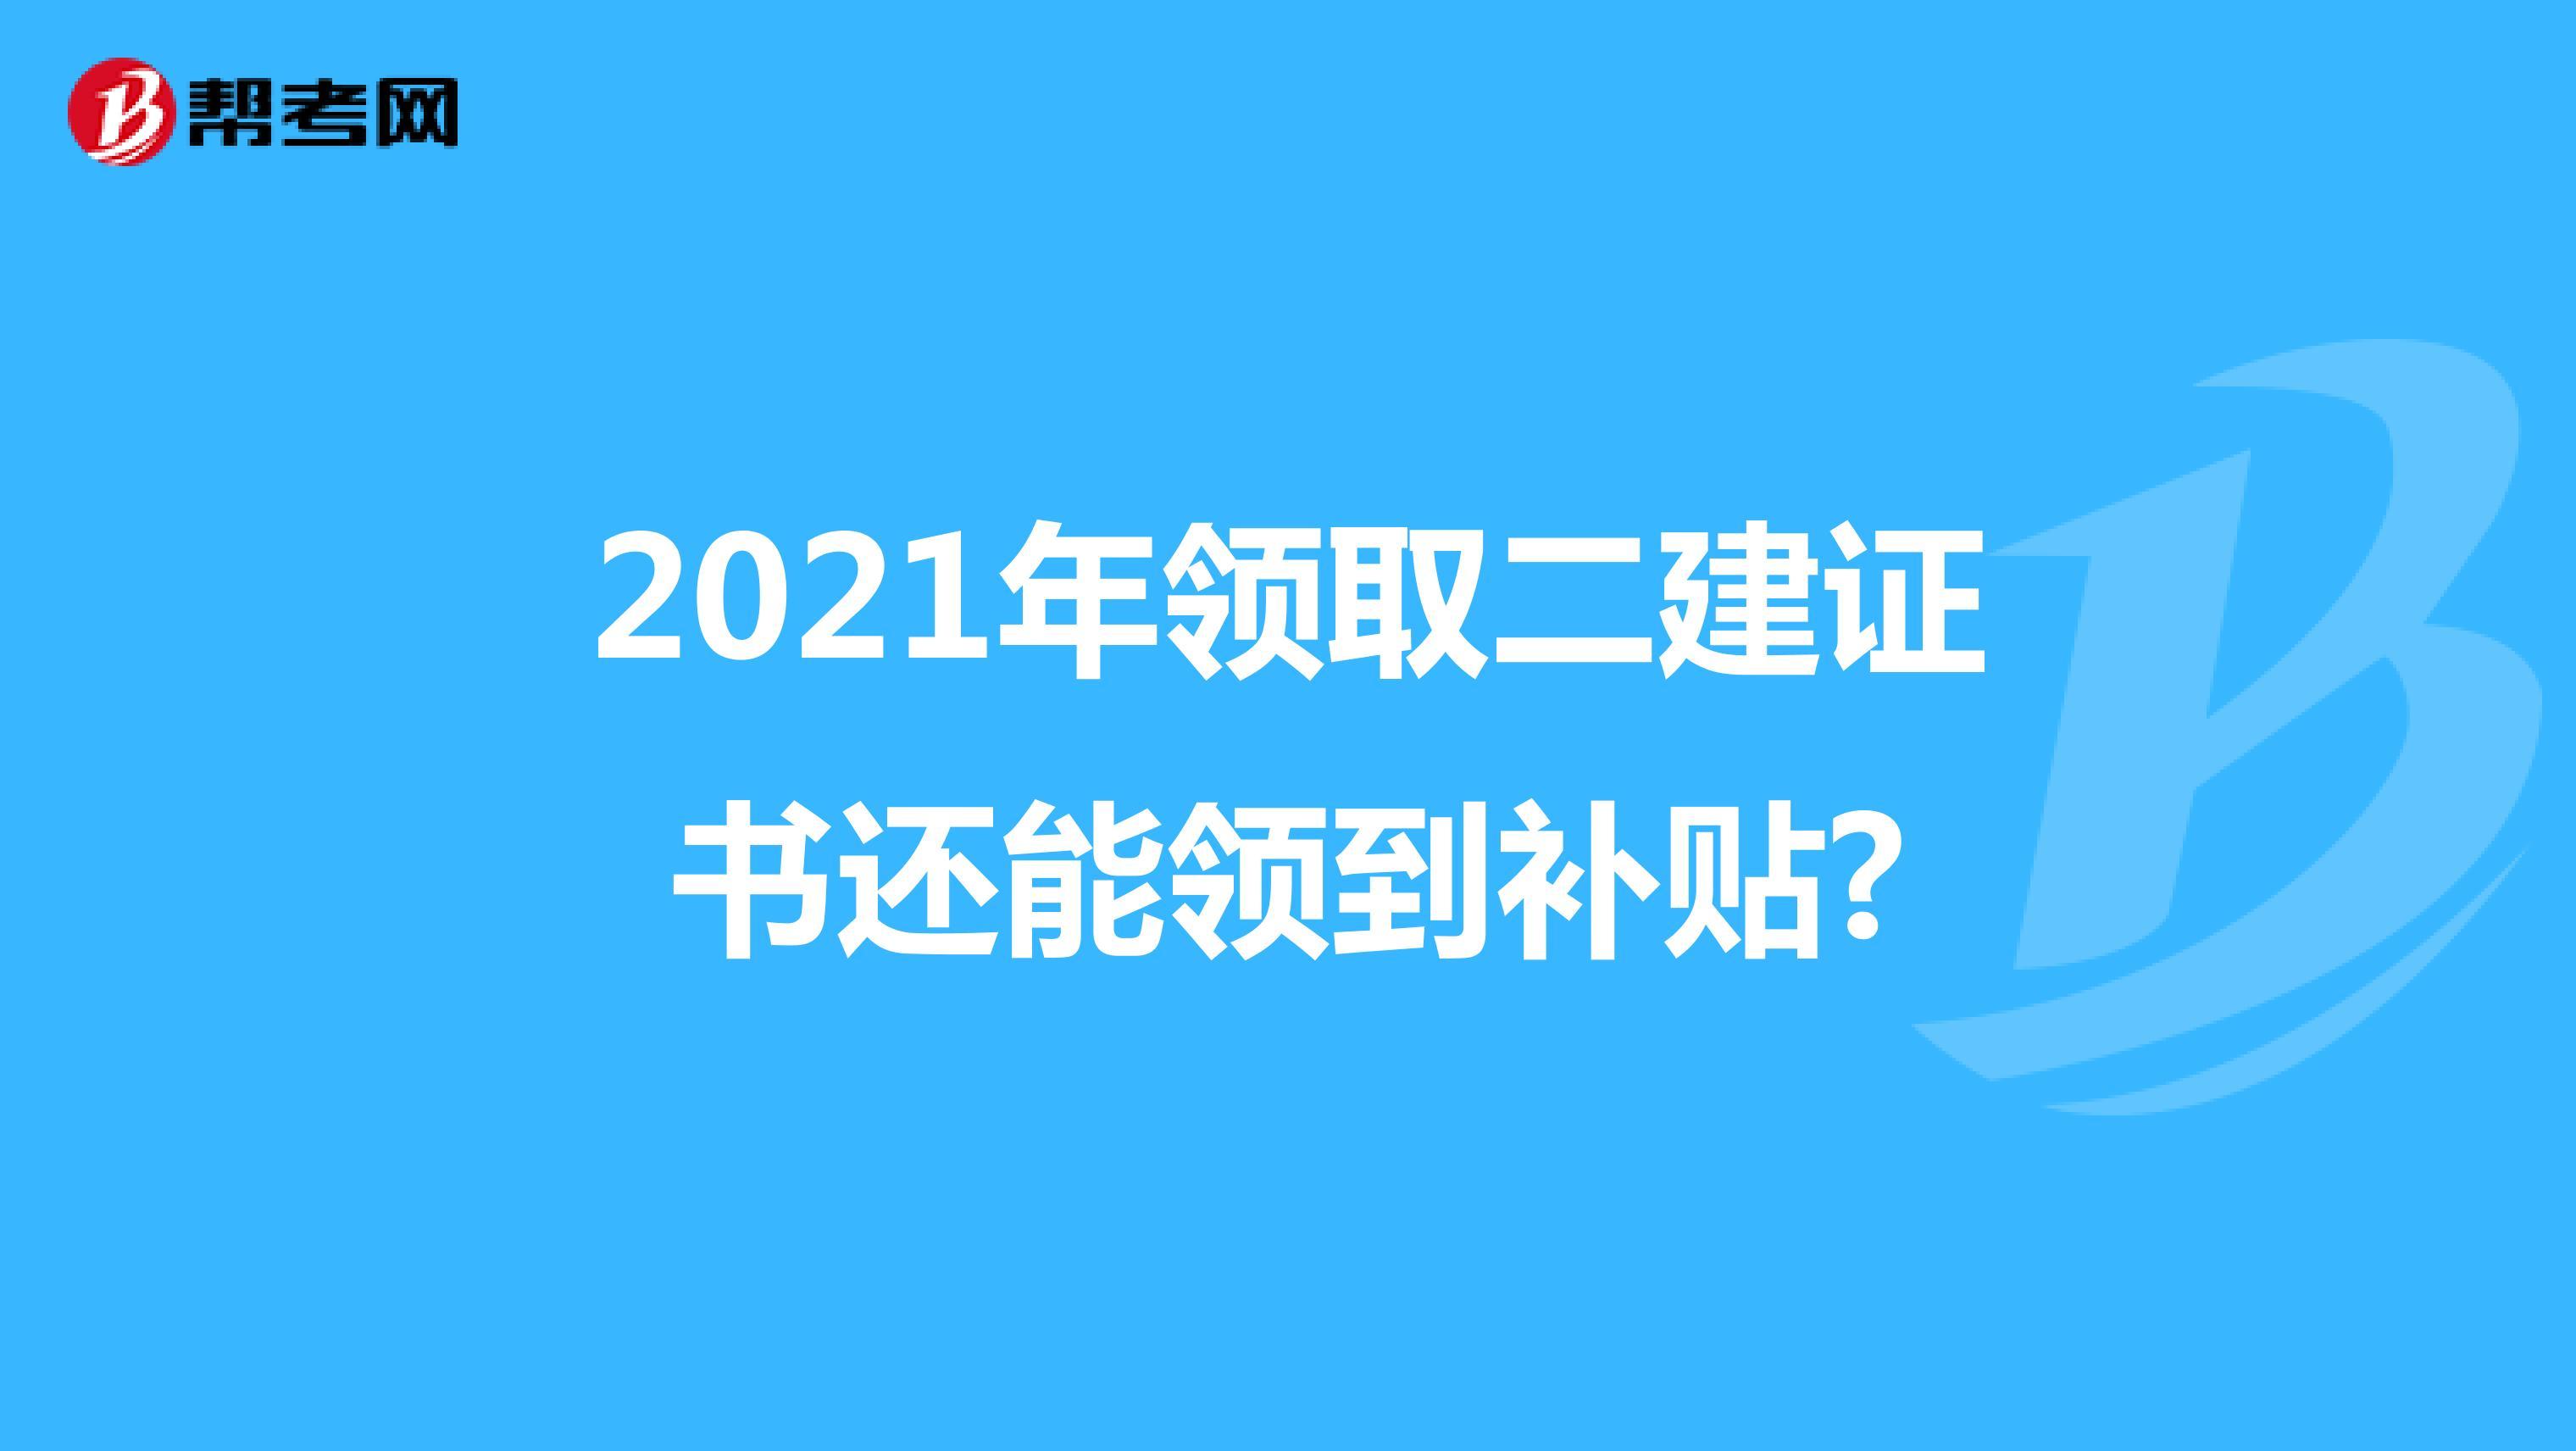 2021年领取二建证书还能领到补贴?